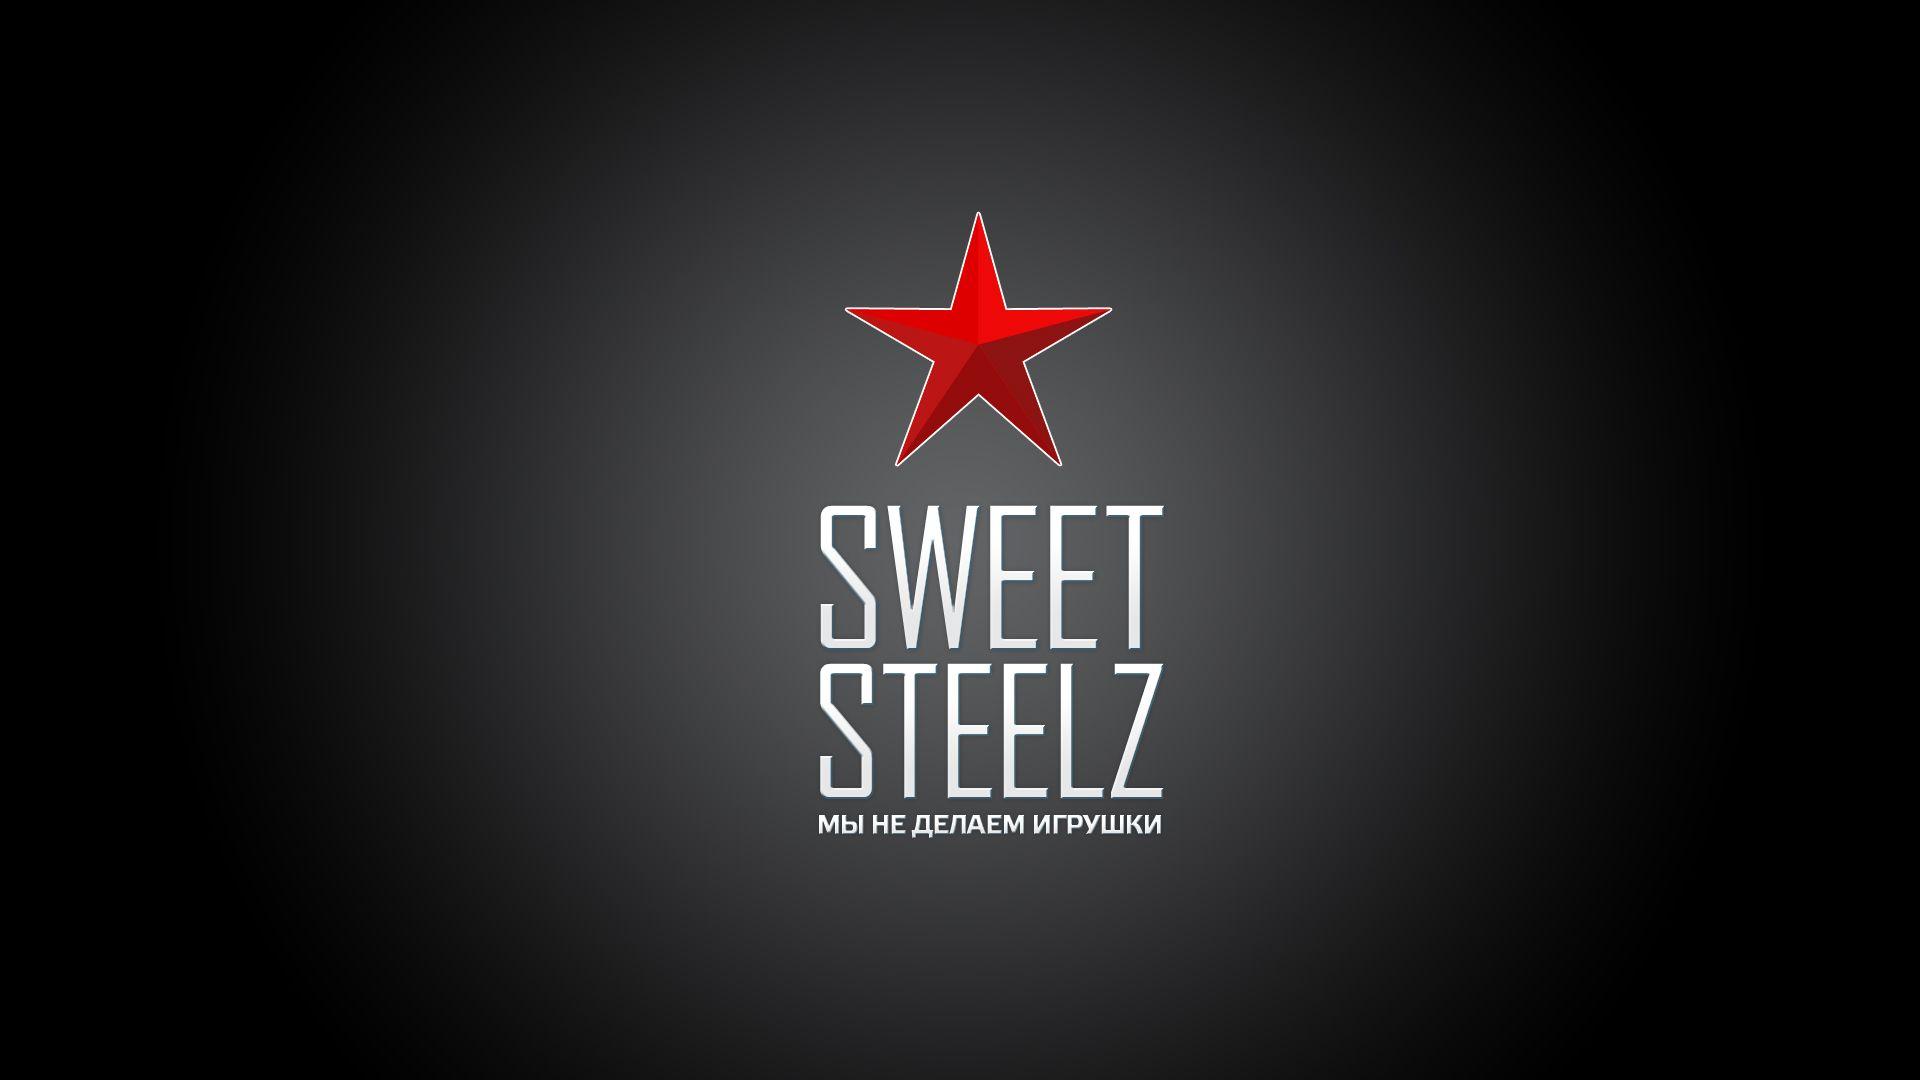 Лого и фирм. стиль для шоколадных военных моделей - дизайнер StereoStereo